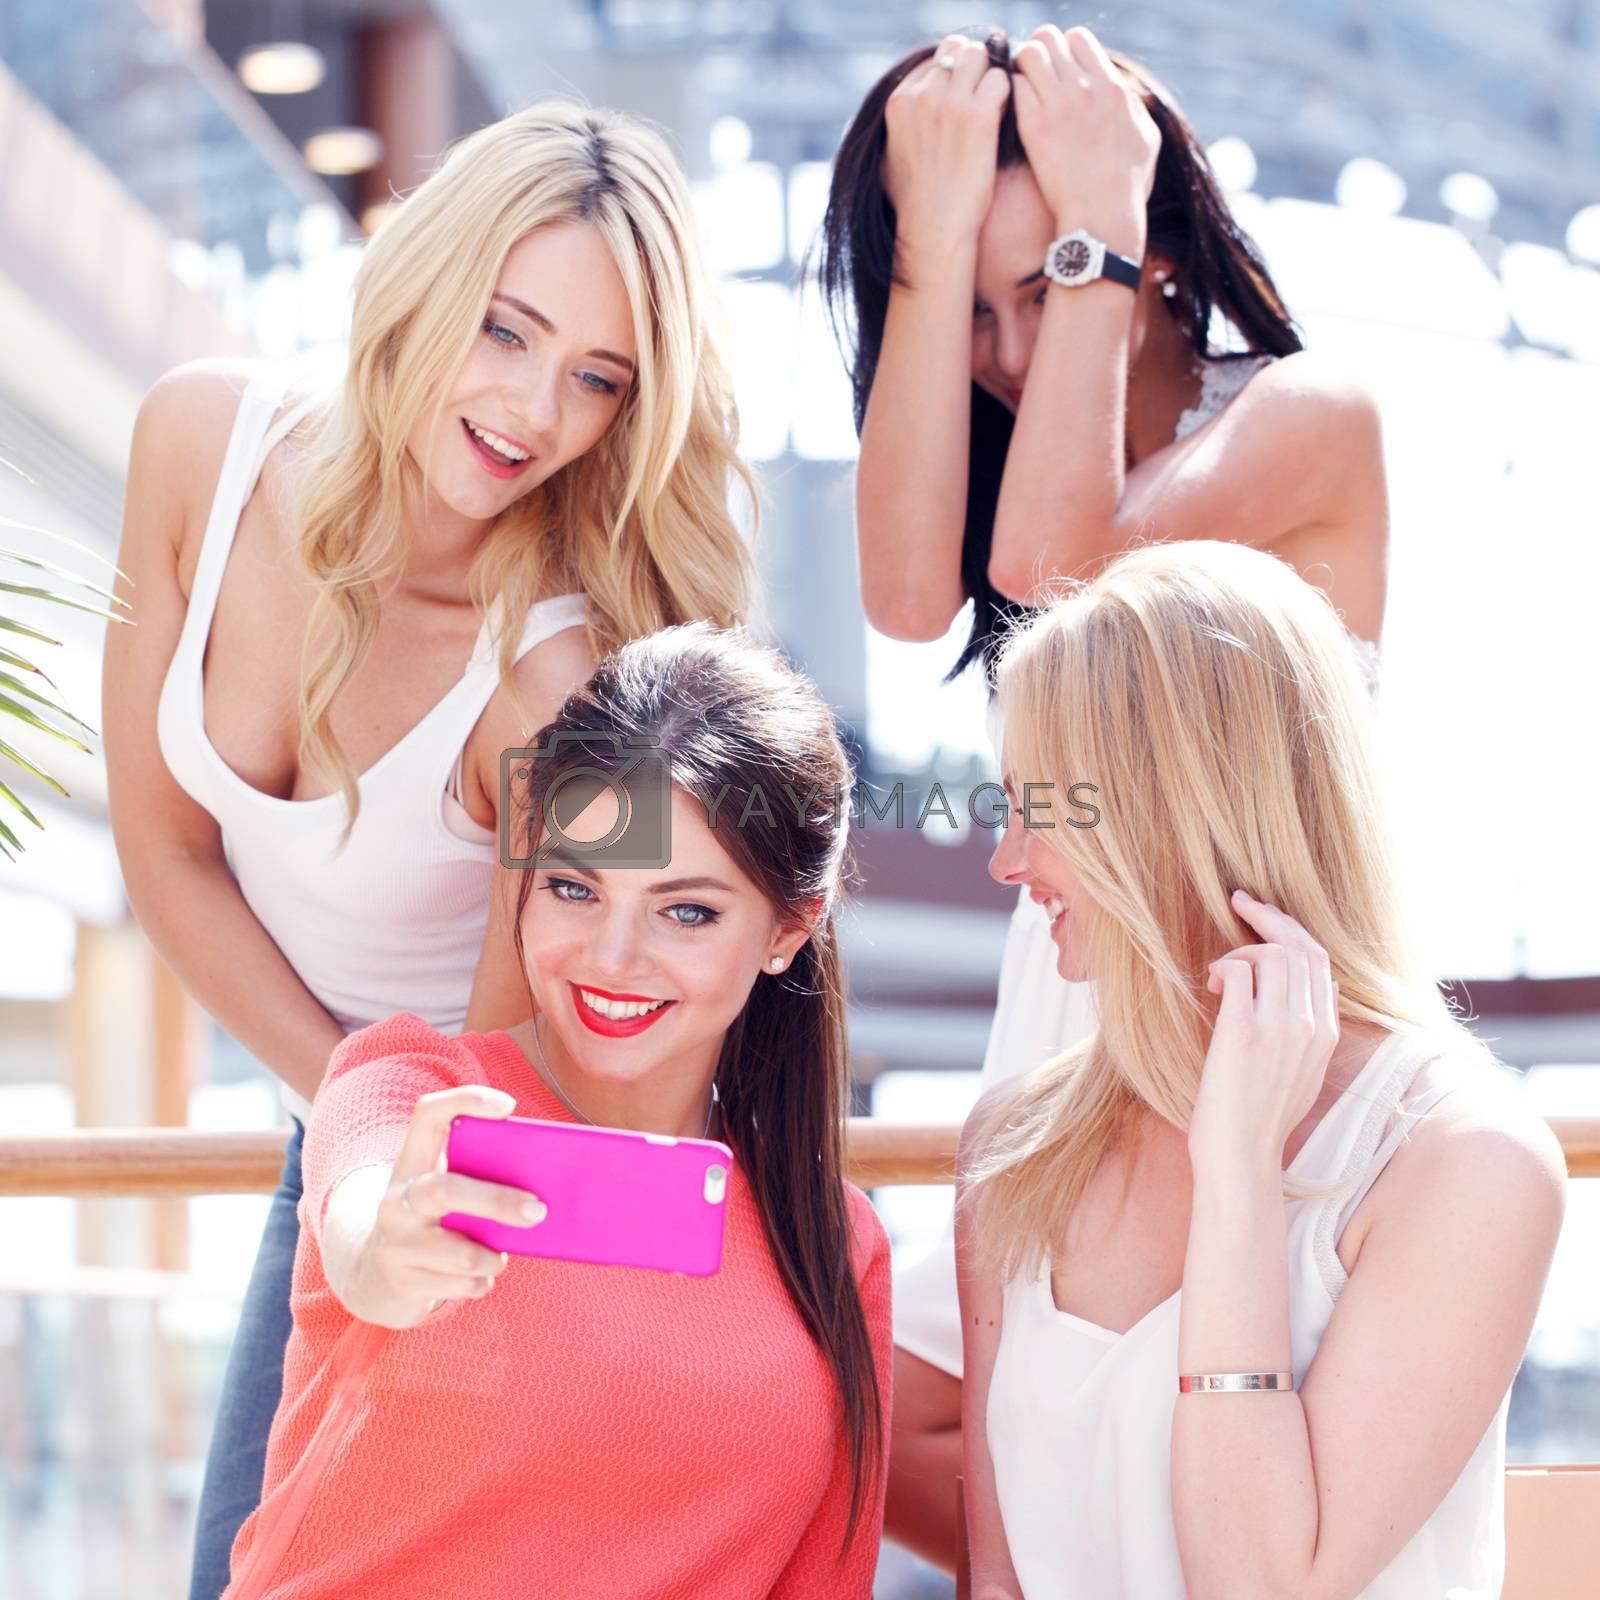 Happy female friends taking selfie in shopping mall